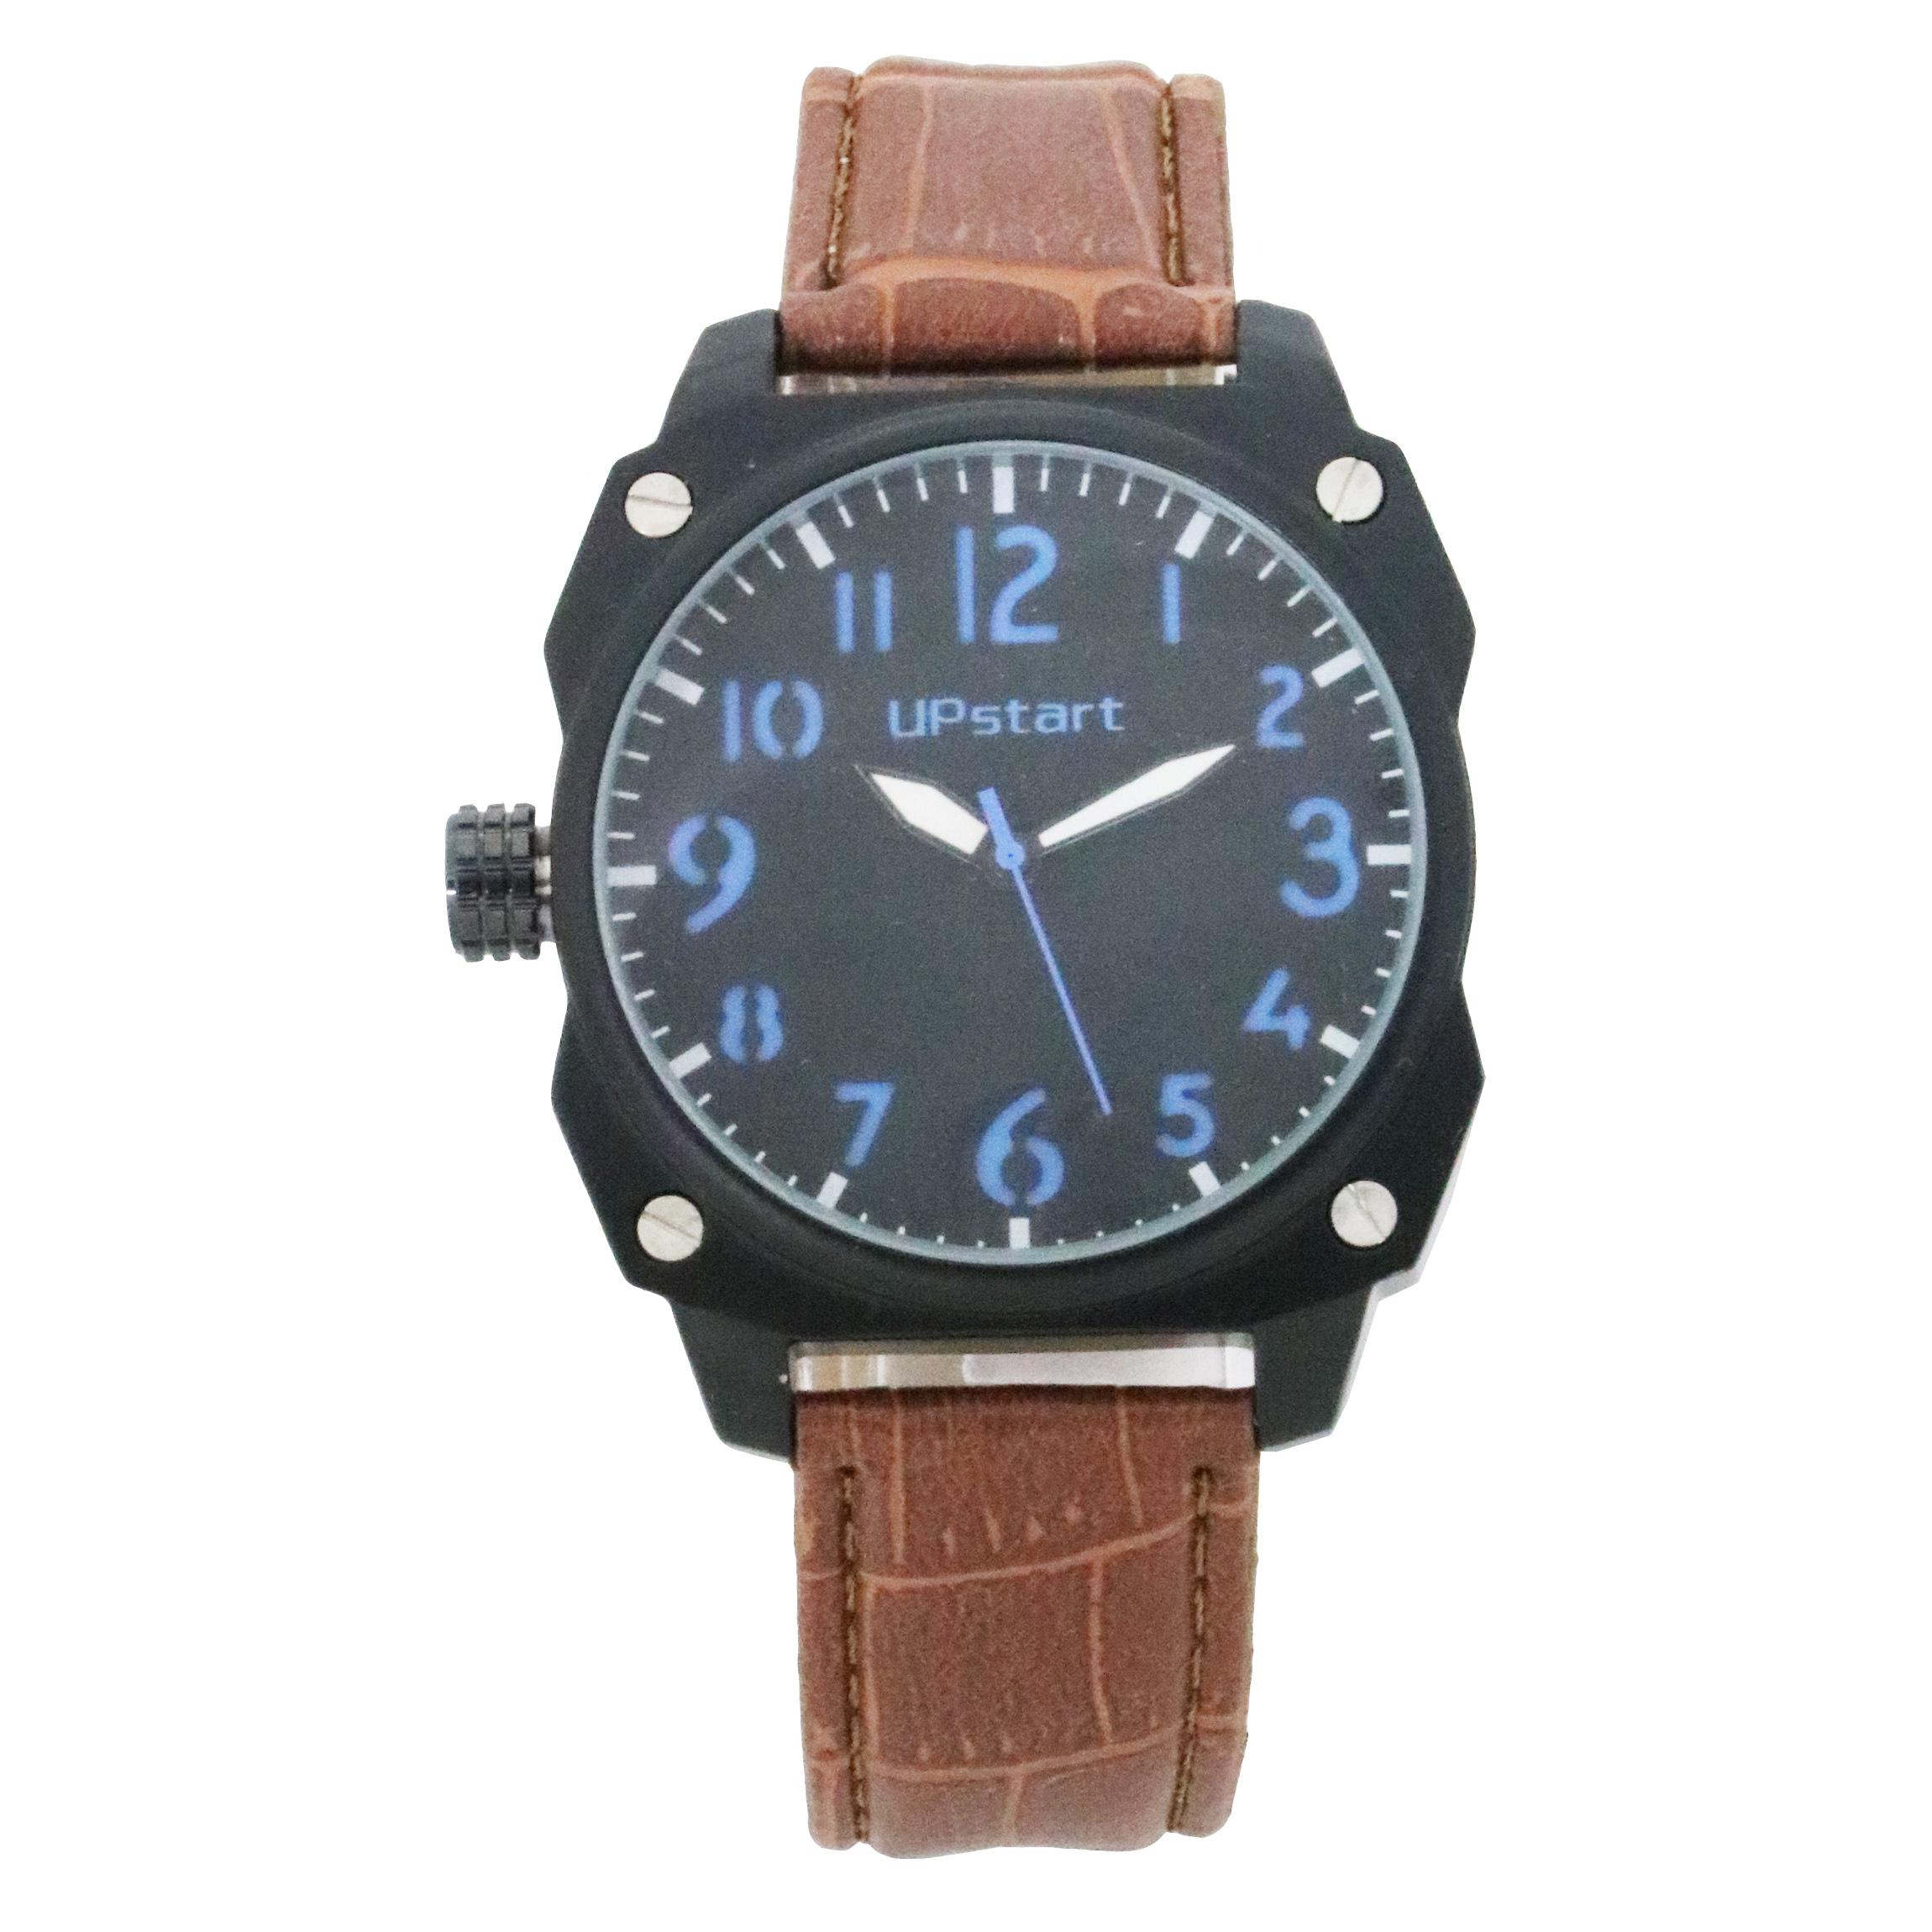 ساعت مچی عقربه ای مردانه آپ استار مدل MW567